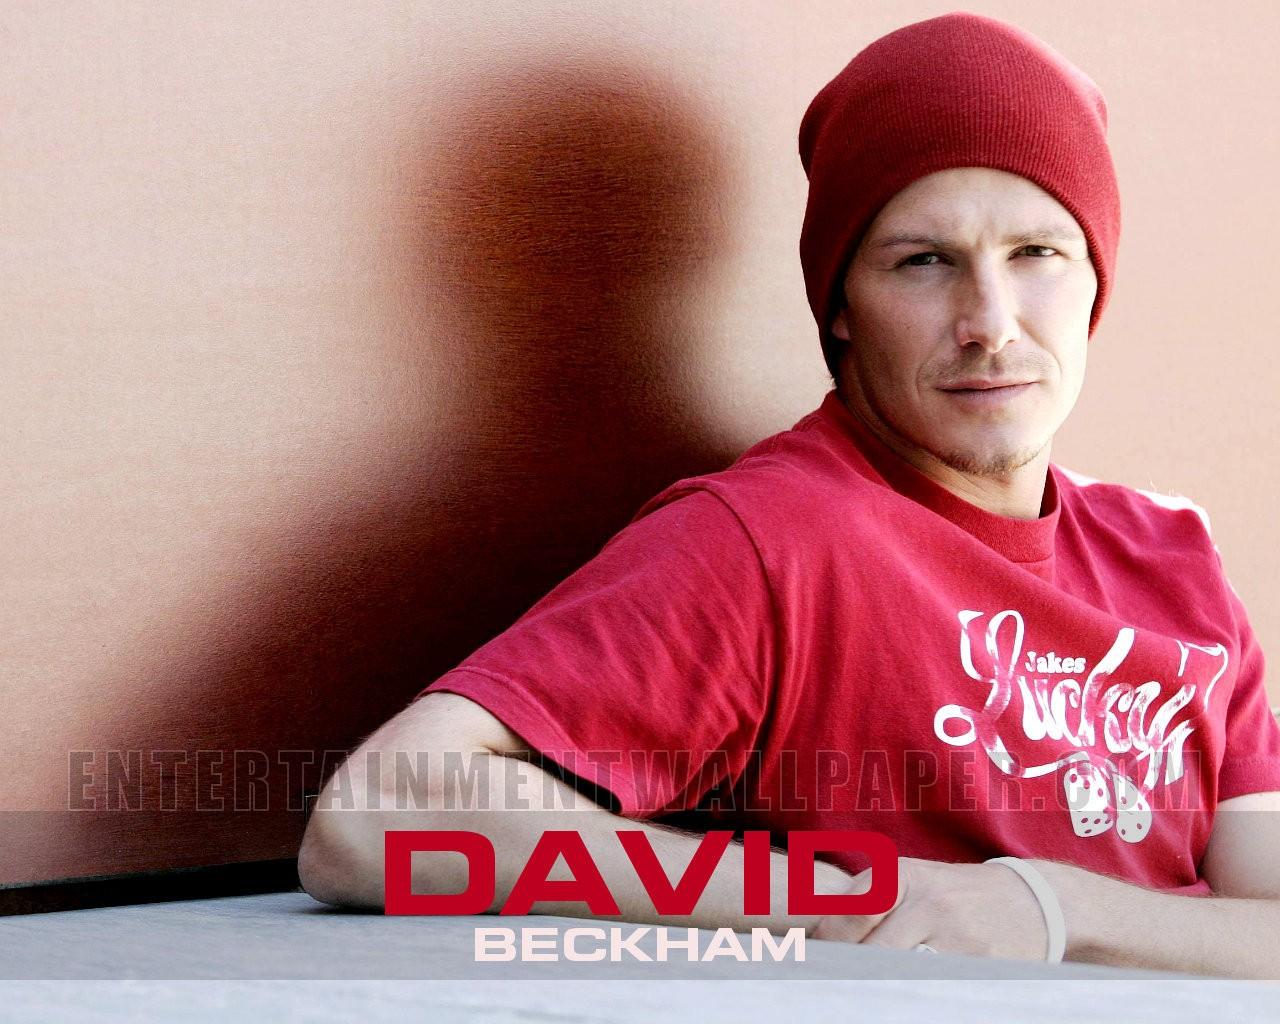 http://4.bp.blogspot.com/-DKo4r5eU4fM/T5KMV4vNtTI/AAAAAAAACJo/ZuQxlVnfA68/s1600/David+Beckham+Hd+Wallpapers+2012+08.jpg